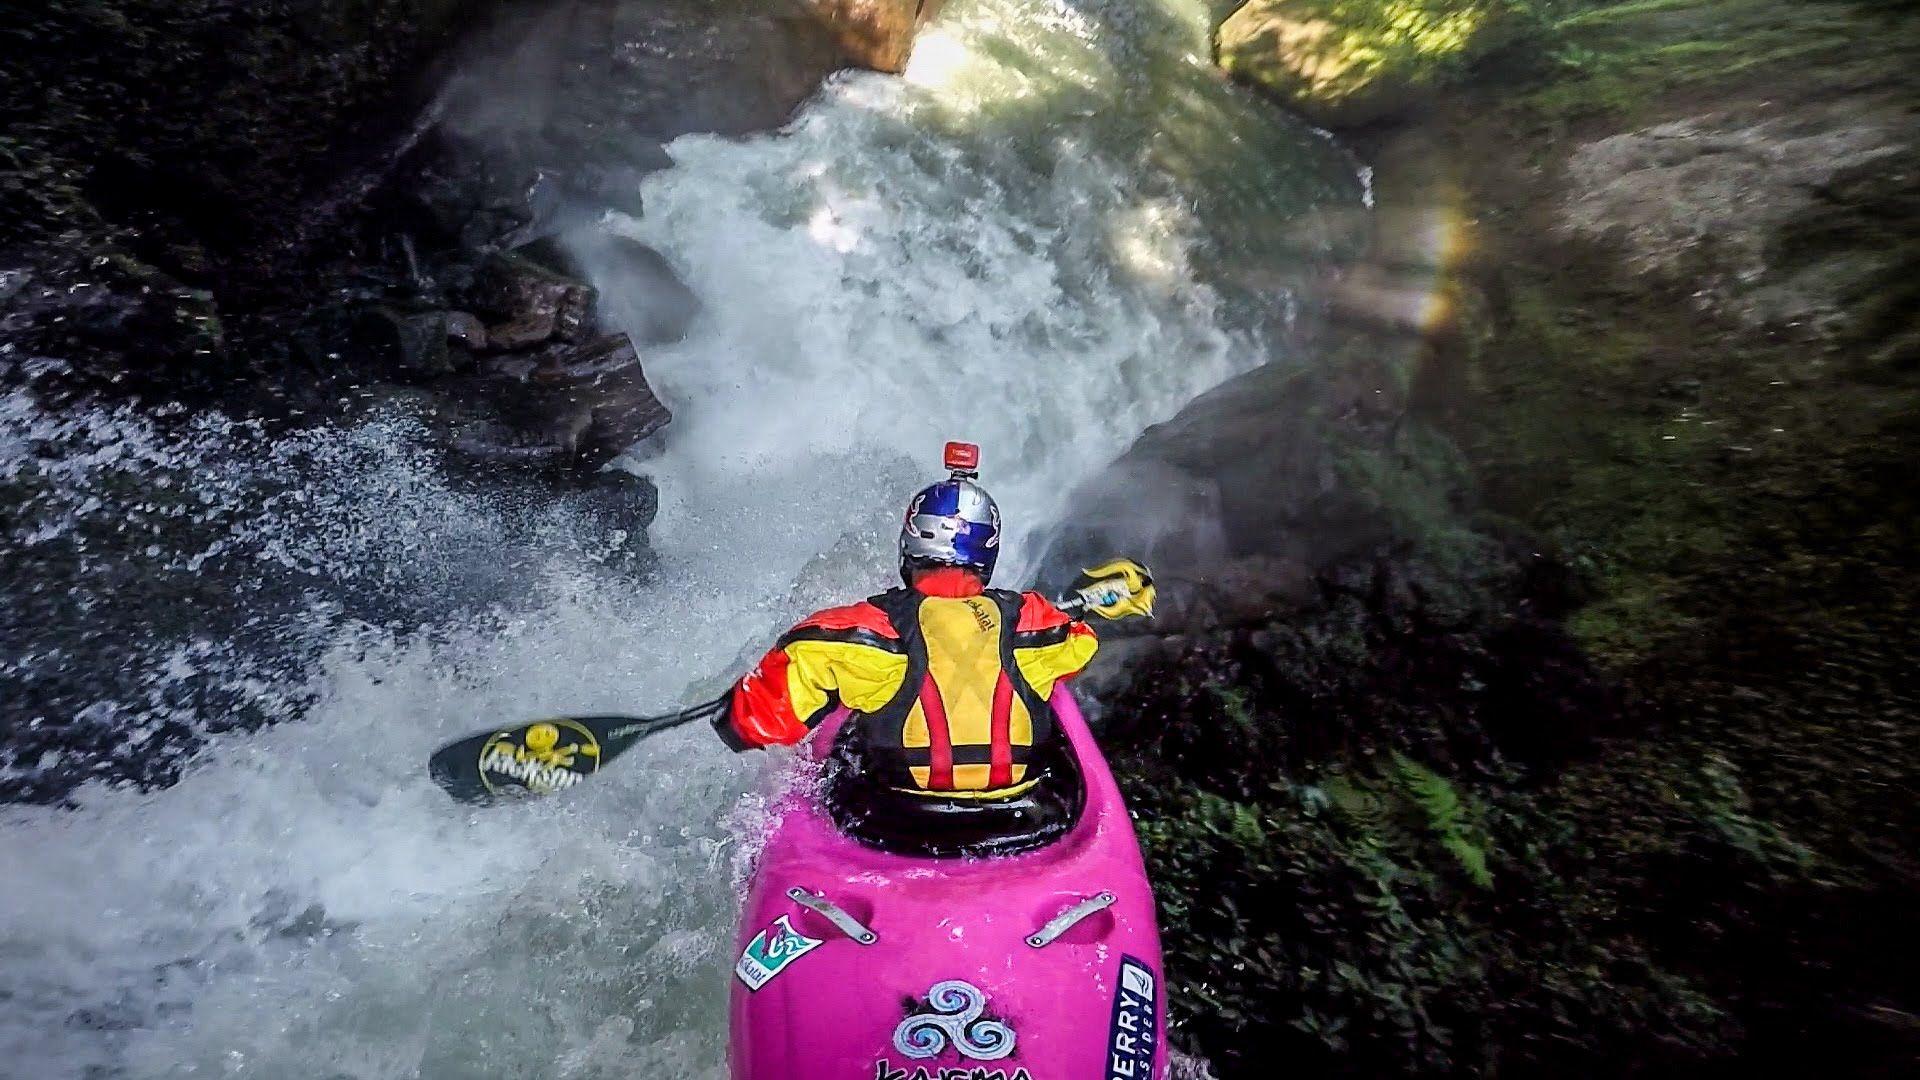 Gopro chasing waterfalls with dane jackson jackson